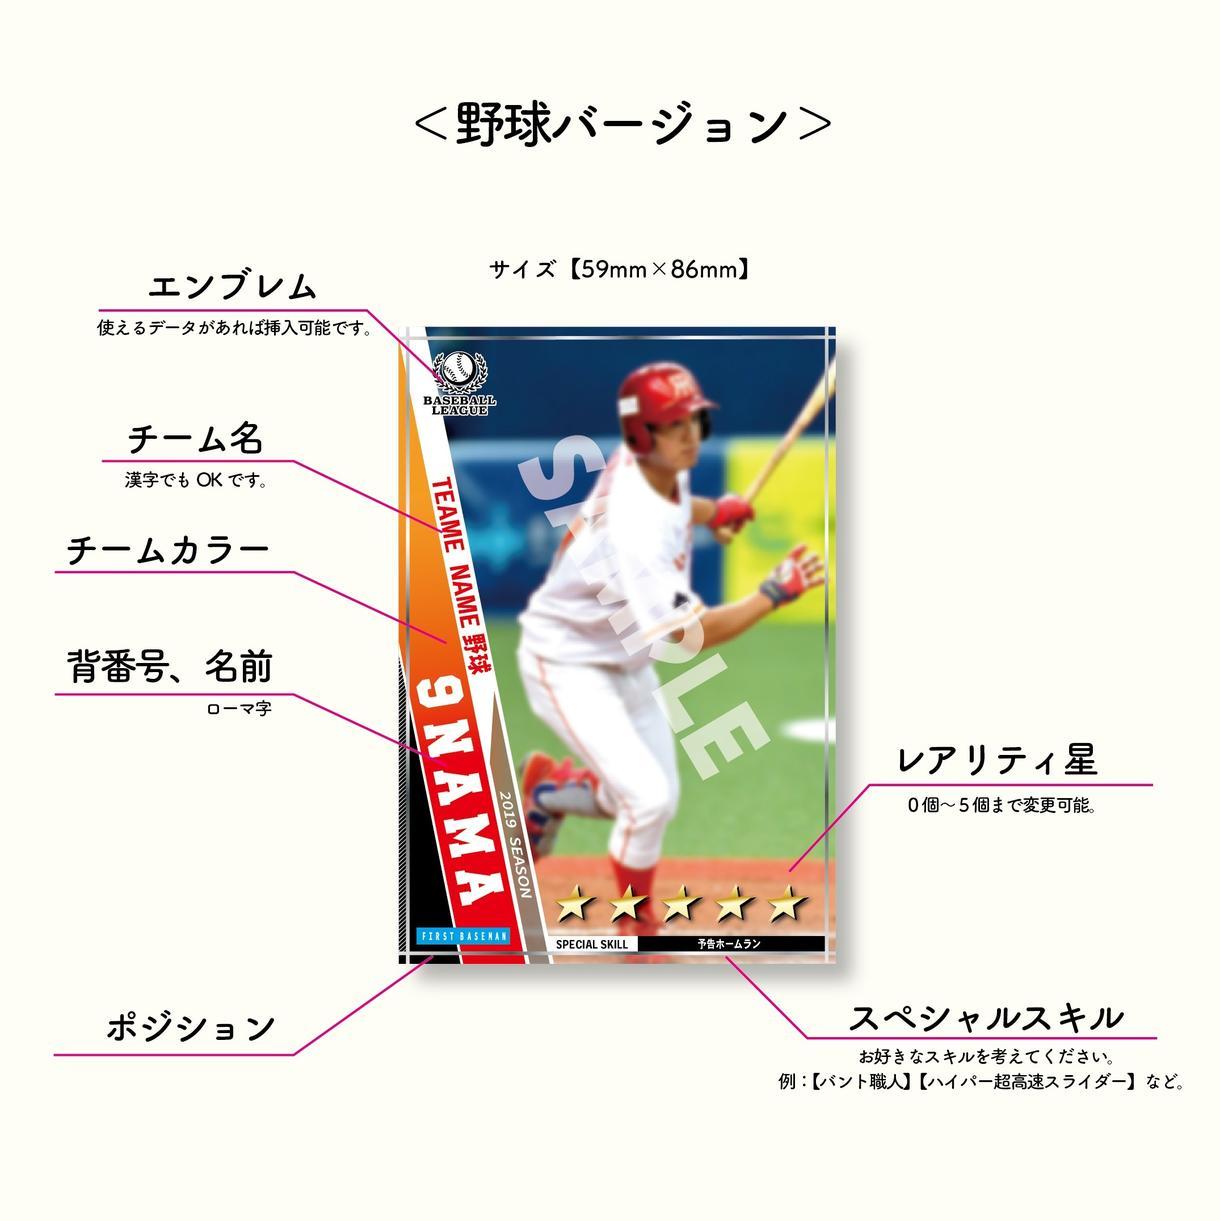 オリジナルトレーディングカードのデザイン制作します (サッカー、野球、バスケット、バレー、ラグビーetc.)